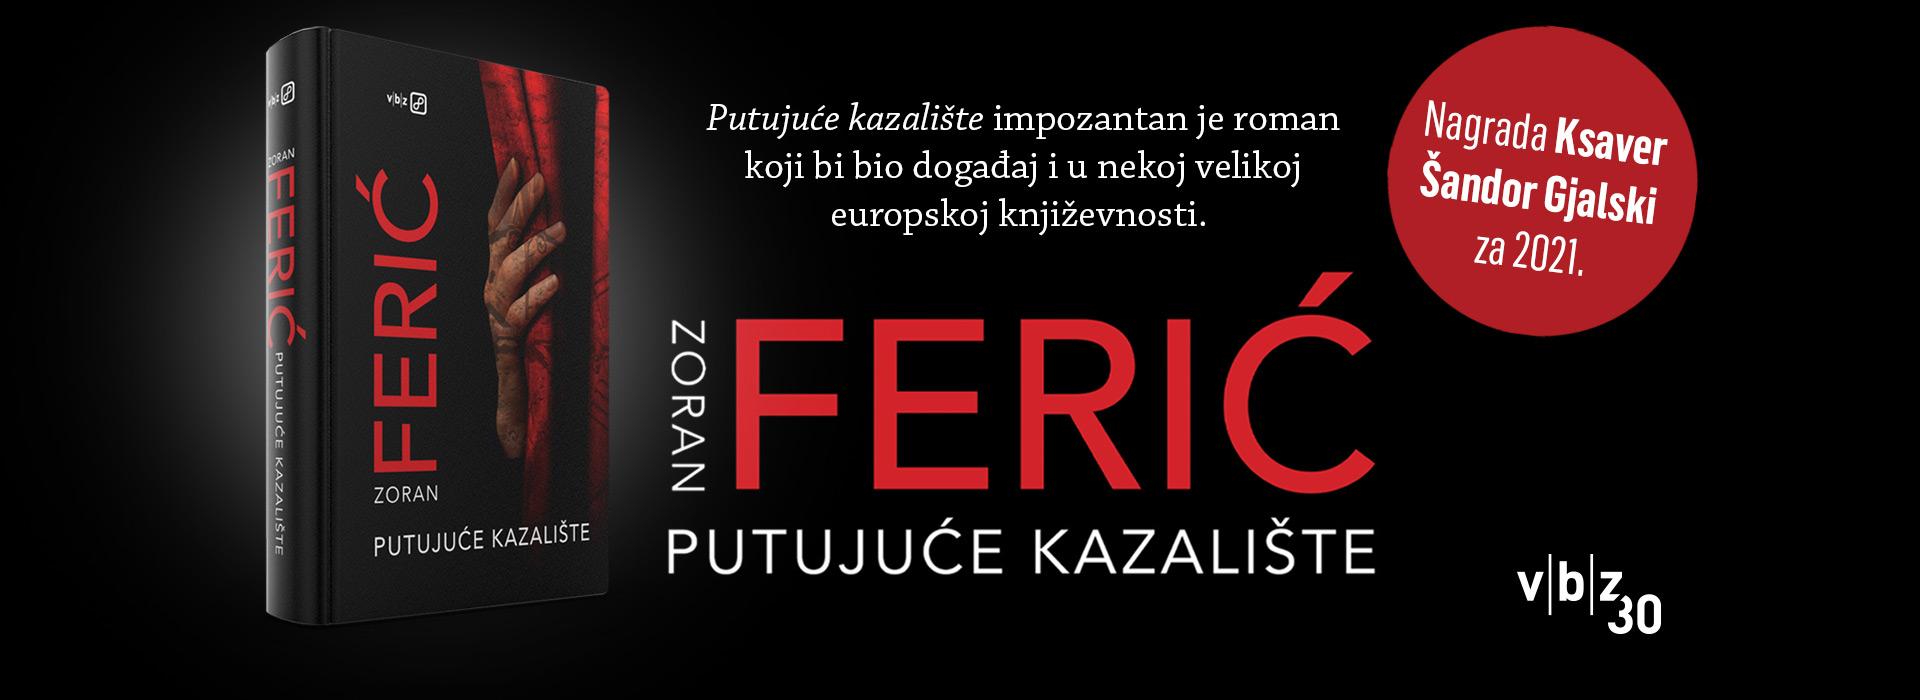 PUTUJUĆE KAZALIŠTE Ferić Zoran